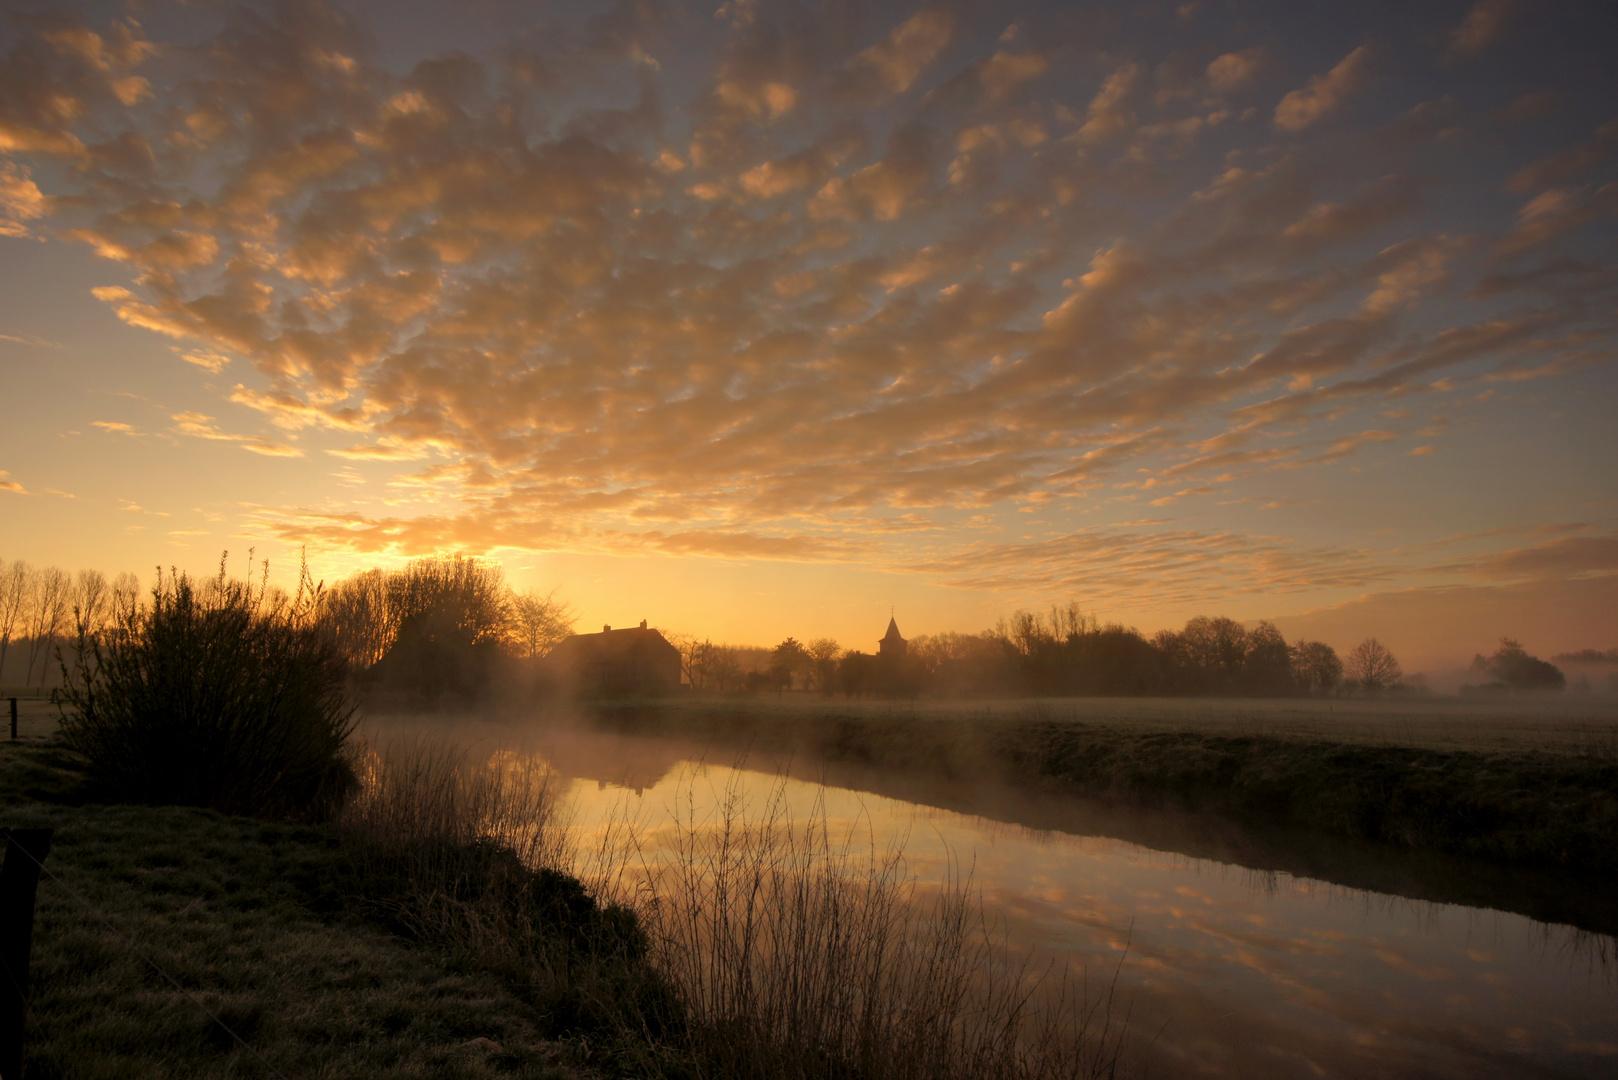 Sunrise over a brook